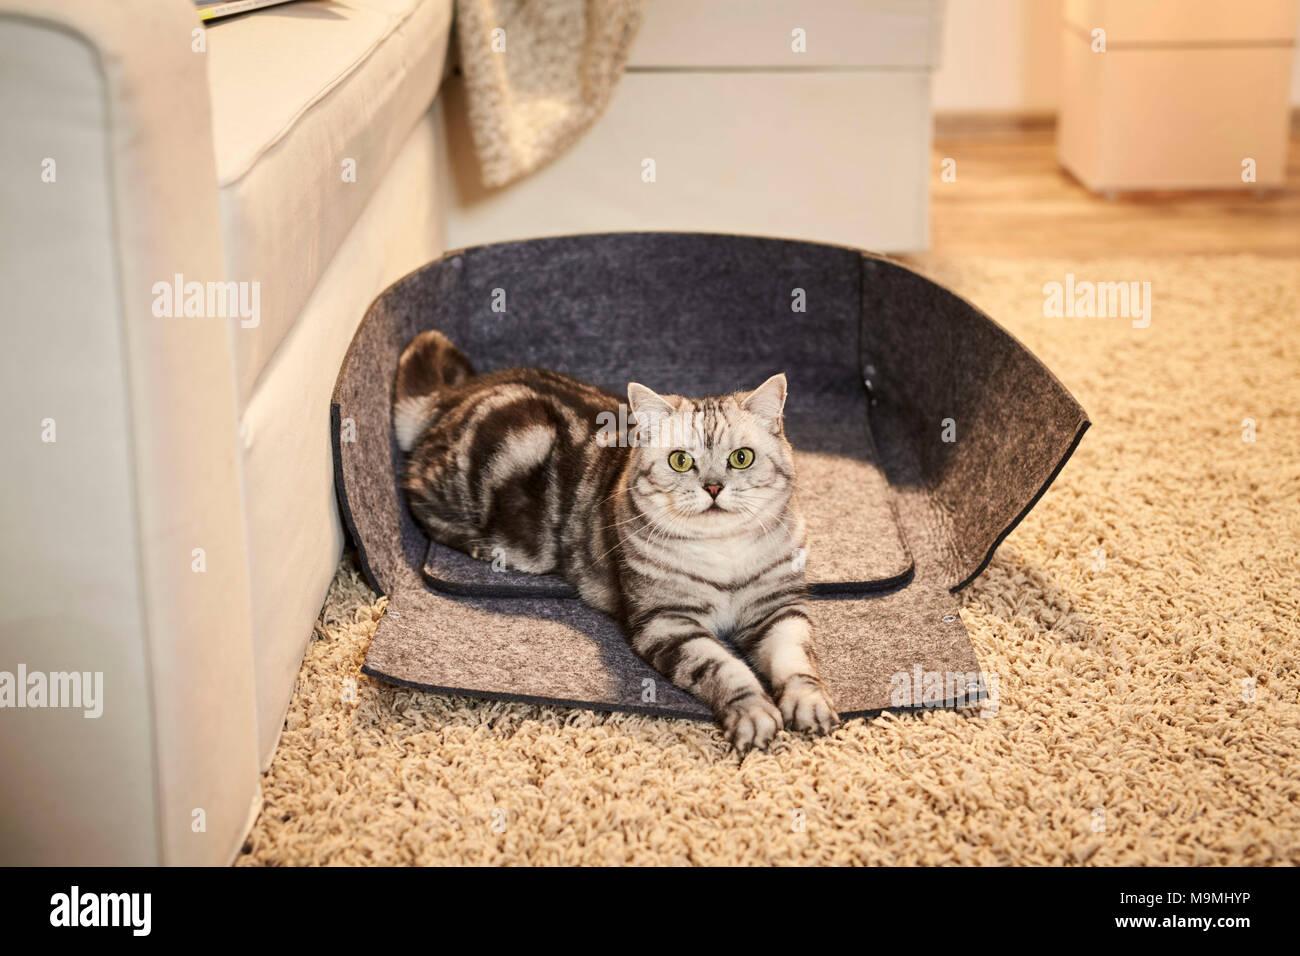 British Shorthair chat. Couché dans une adultes Tabby ouvert animal lit fait de feutre. Allemagne Photo Stock